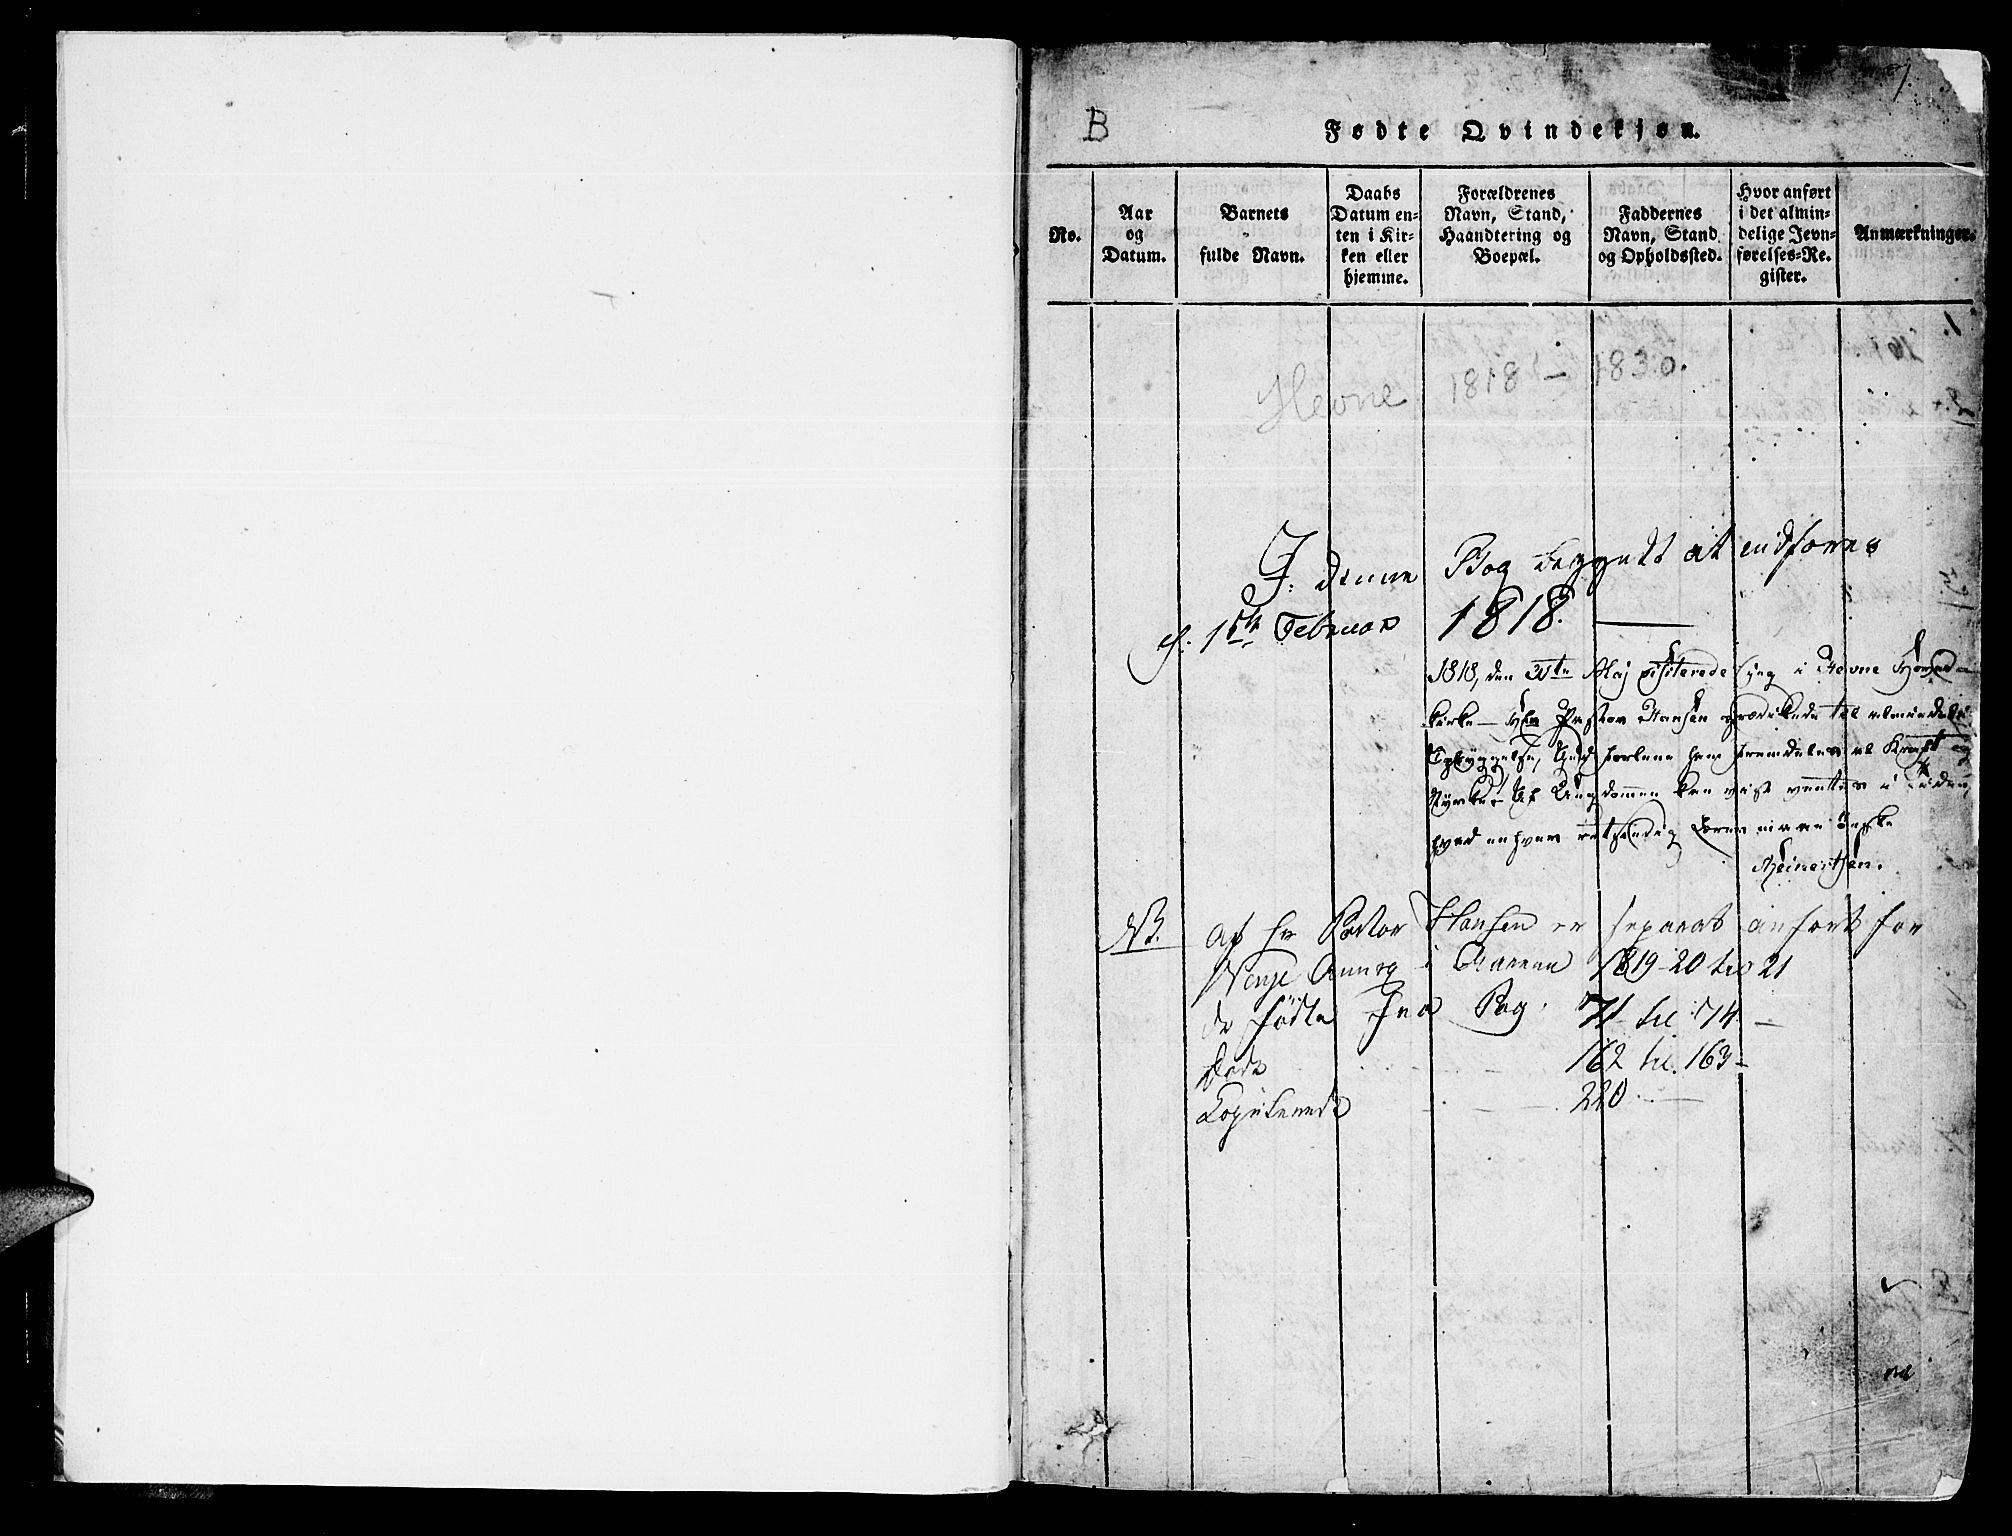 SAT, Ministerialprotokoller, klokkerbøker og fødselsregistre - Sør-Trøndelag, 630/L0491: Ministerialbok nr. 630A04, 1818-1830, s. 1